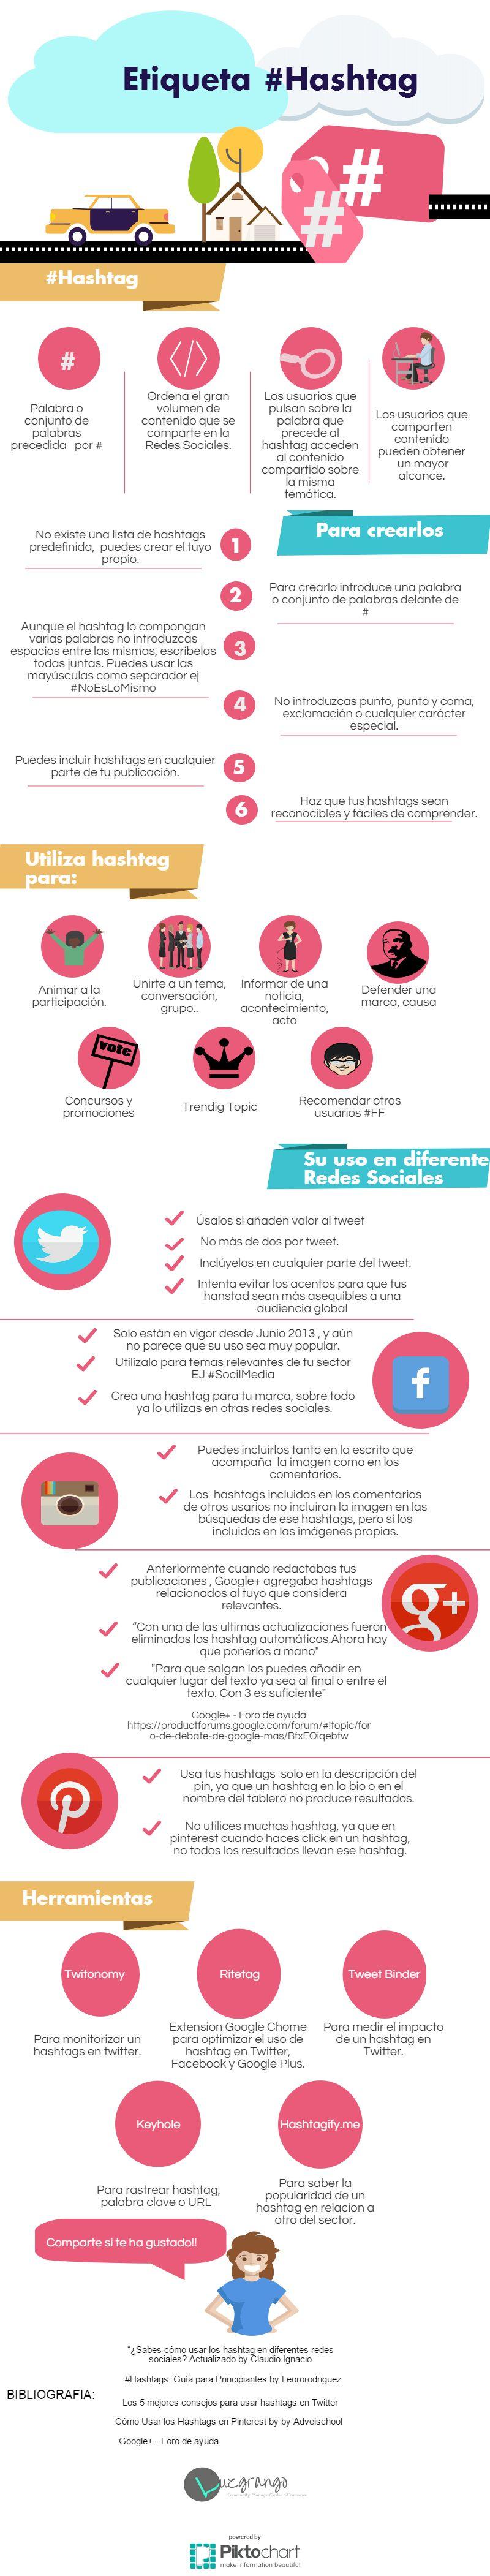 Guia completa del Hashtag2 Guía completa del Hashtag, todo lo que necesitas conocer